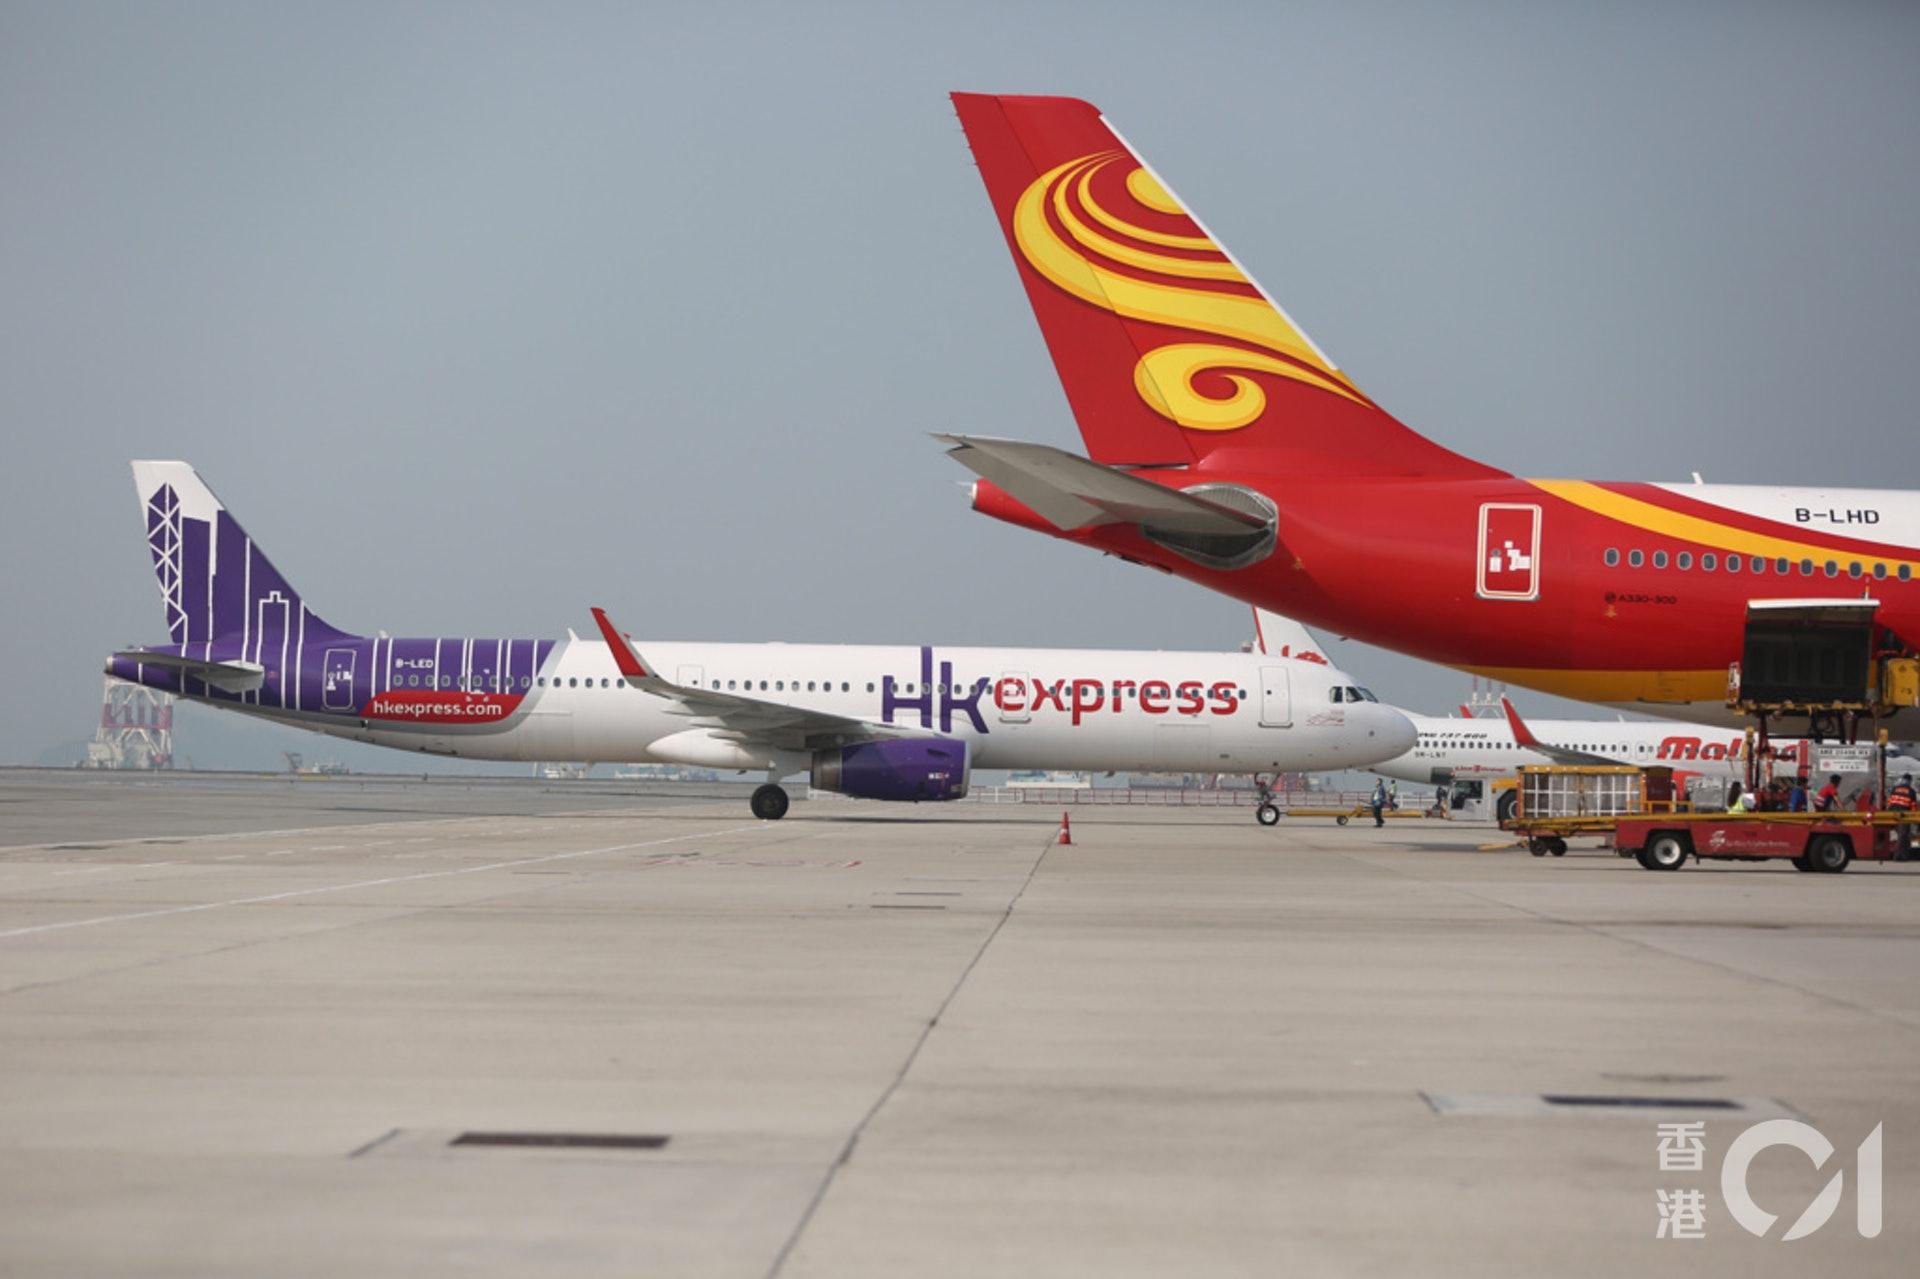 新冠肺炎 香港快運宣布再延長航班停運至6月18日 香港01 社會新聞